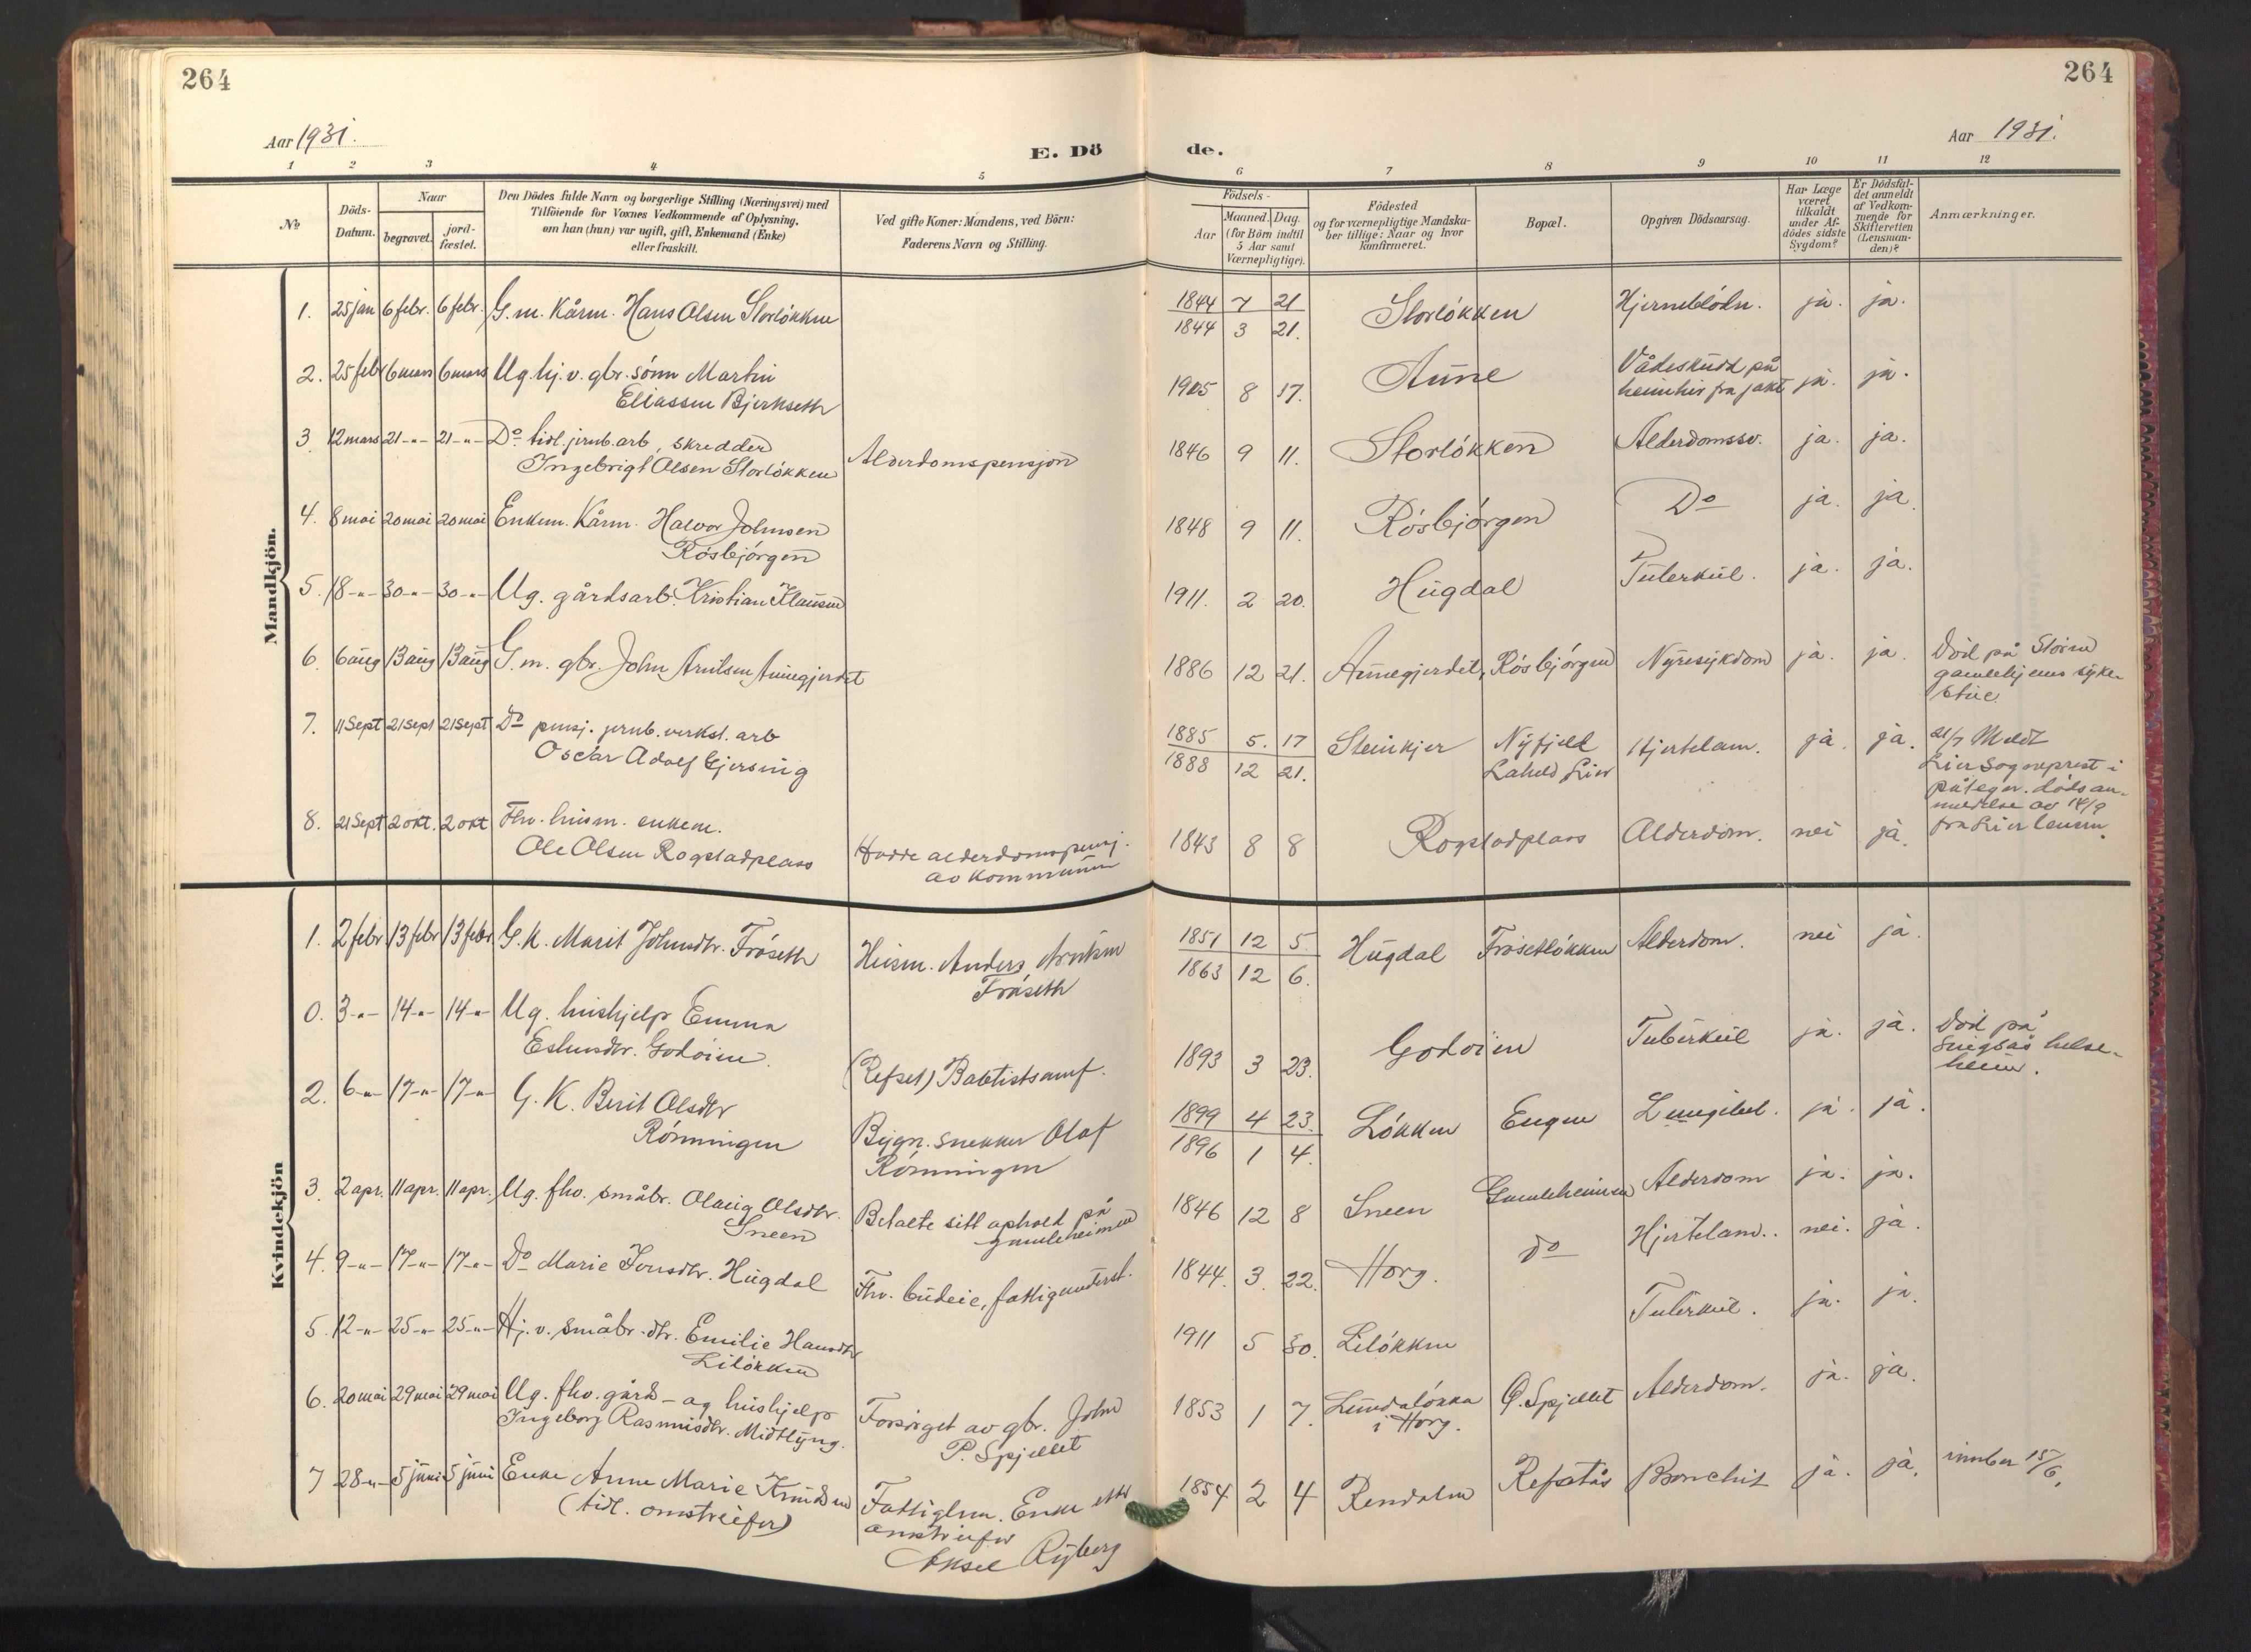 SAT, Ministerialprotokoller, klokkerbøker og fødselsregistre - Sør-Trøndelag, 687/L1019: Klokkerbok nr. 687C03, 1904-1931, s. 264